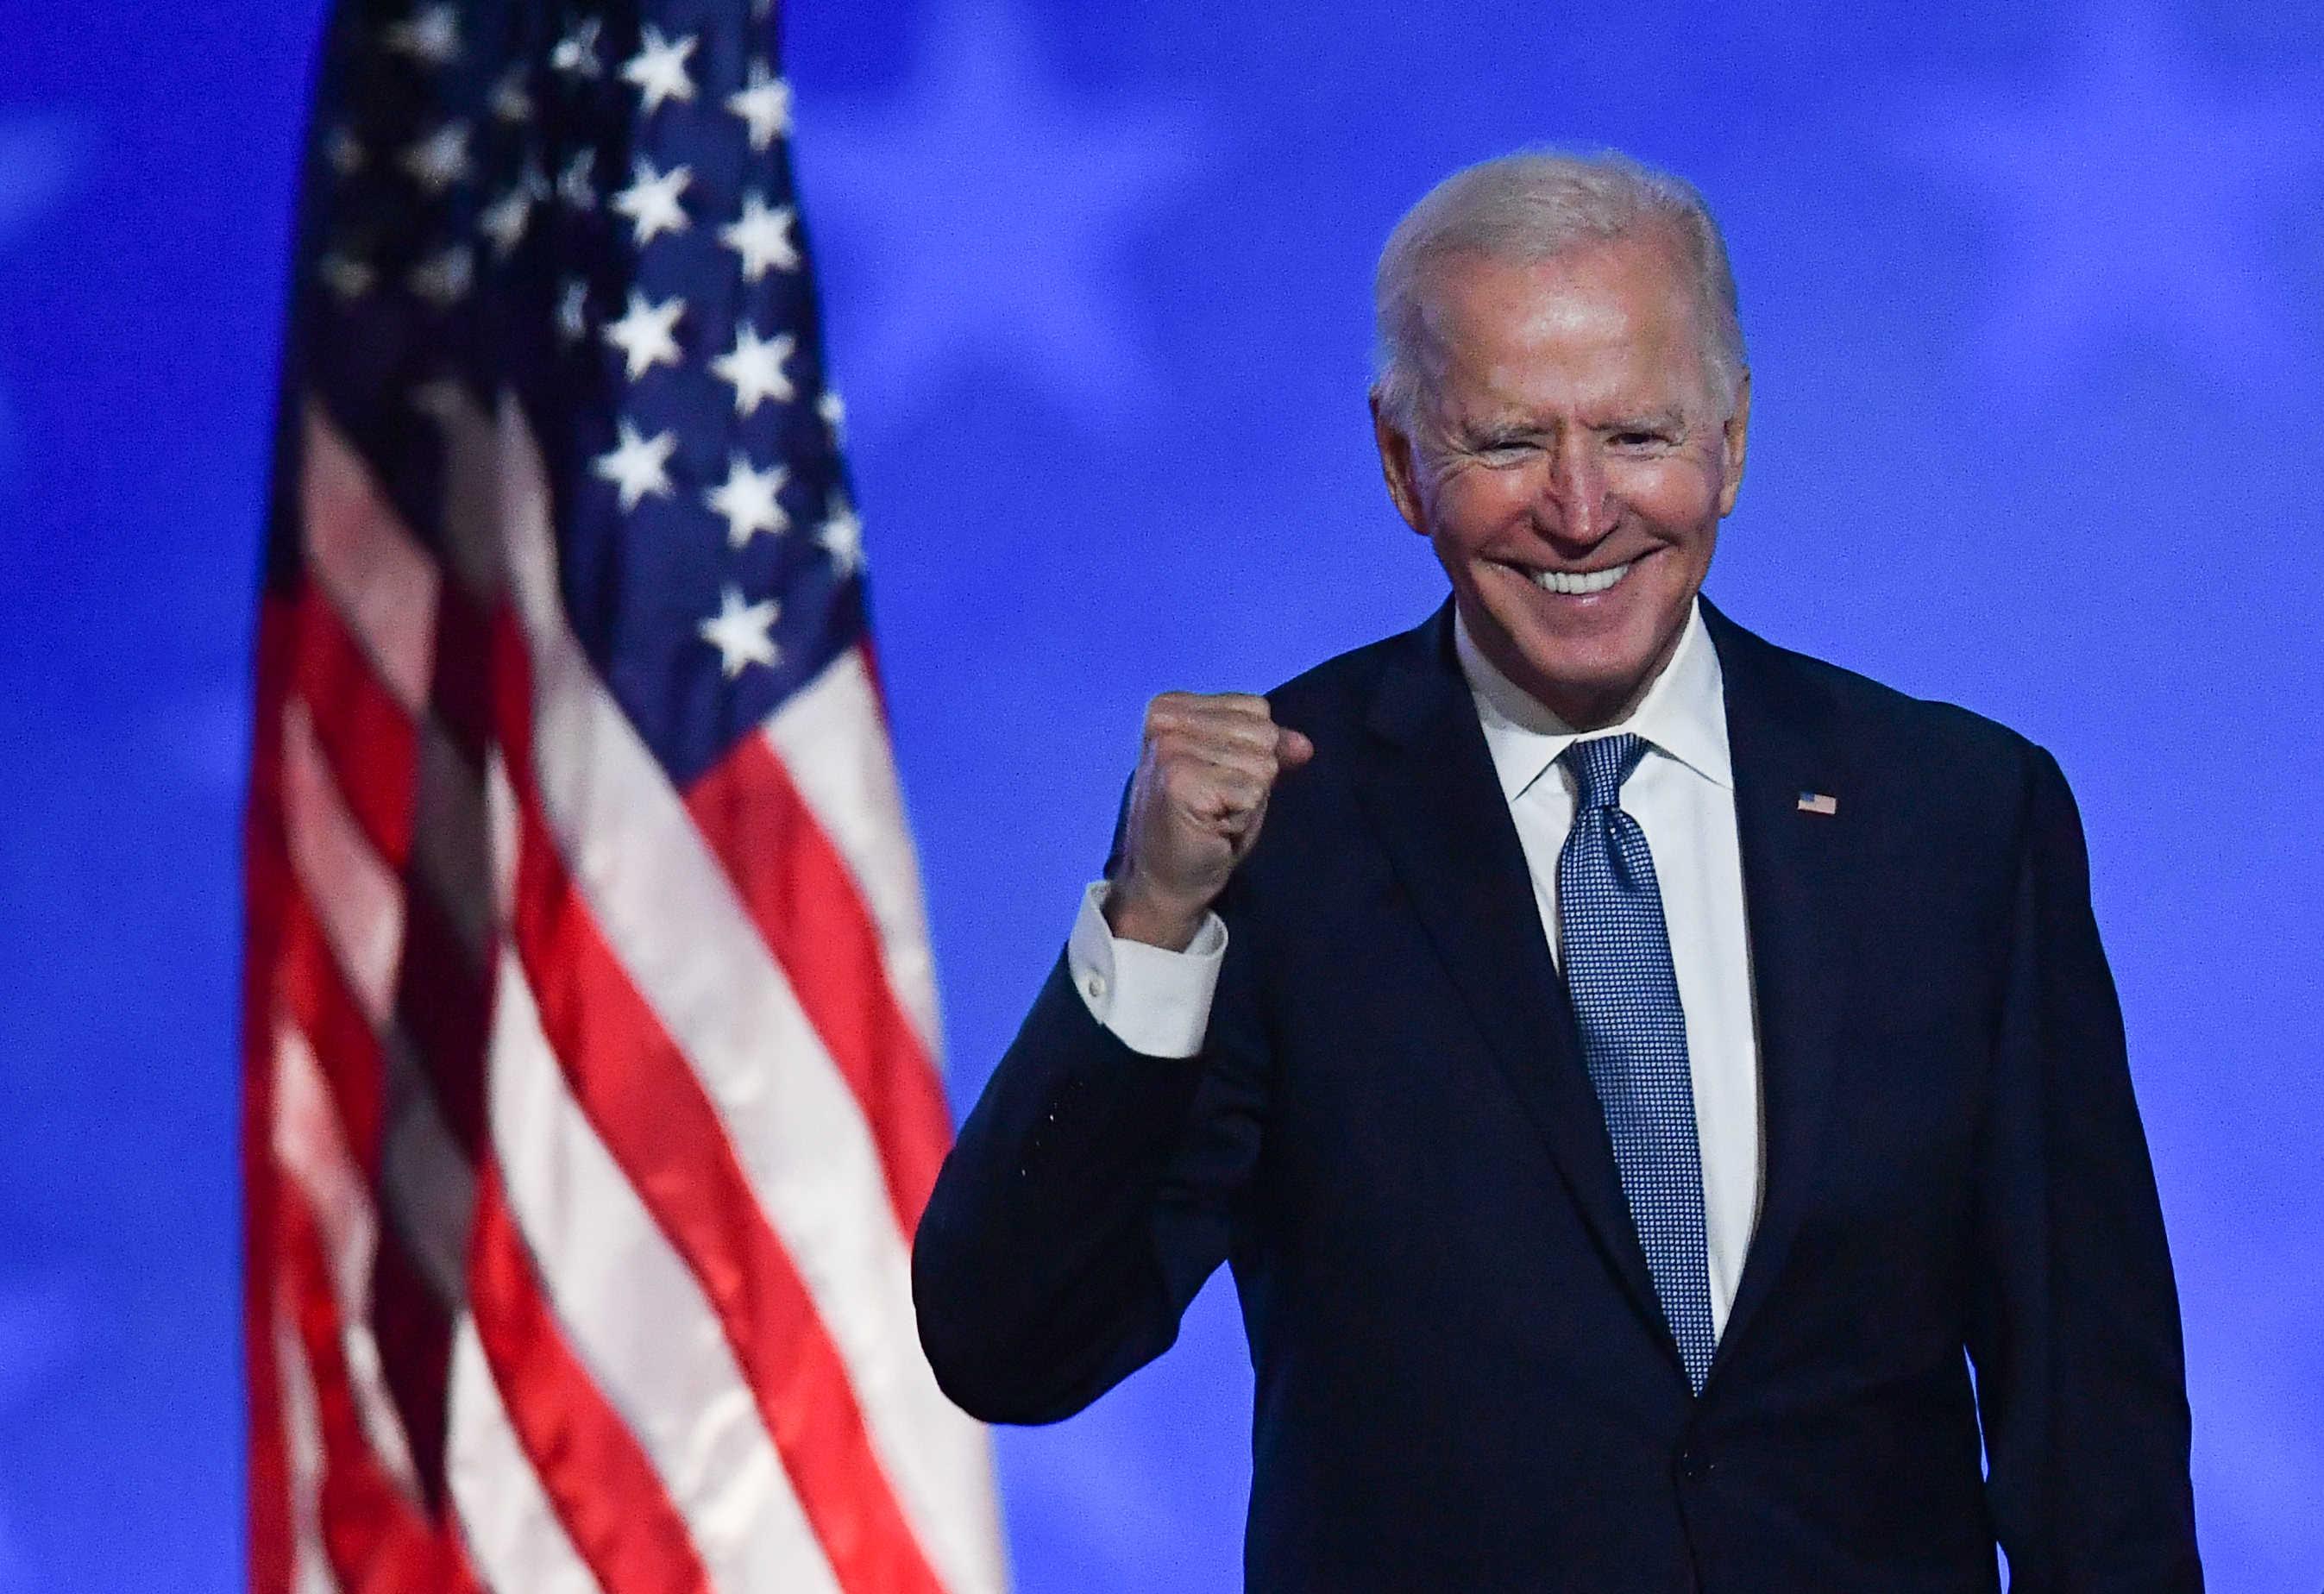 متى سيتم الإعلان الرسمي عن فوز المرشح الديمقراطي جو بايدن في الإنتخابات الأمريكية